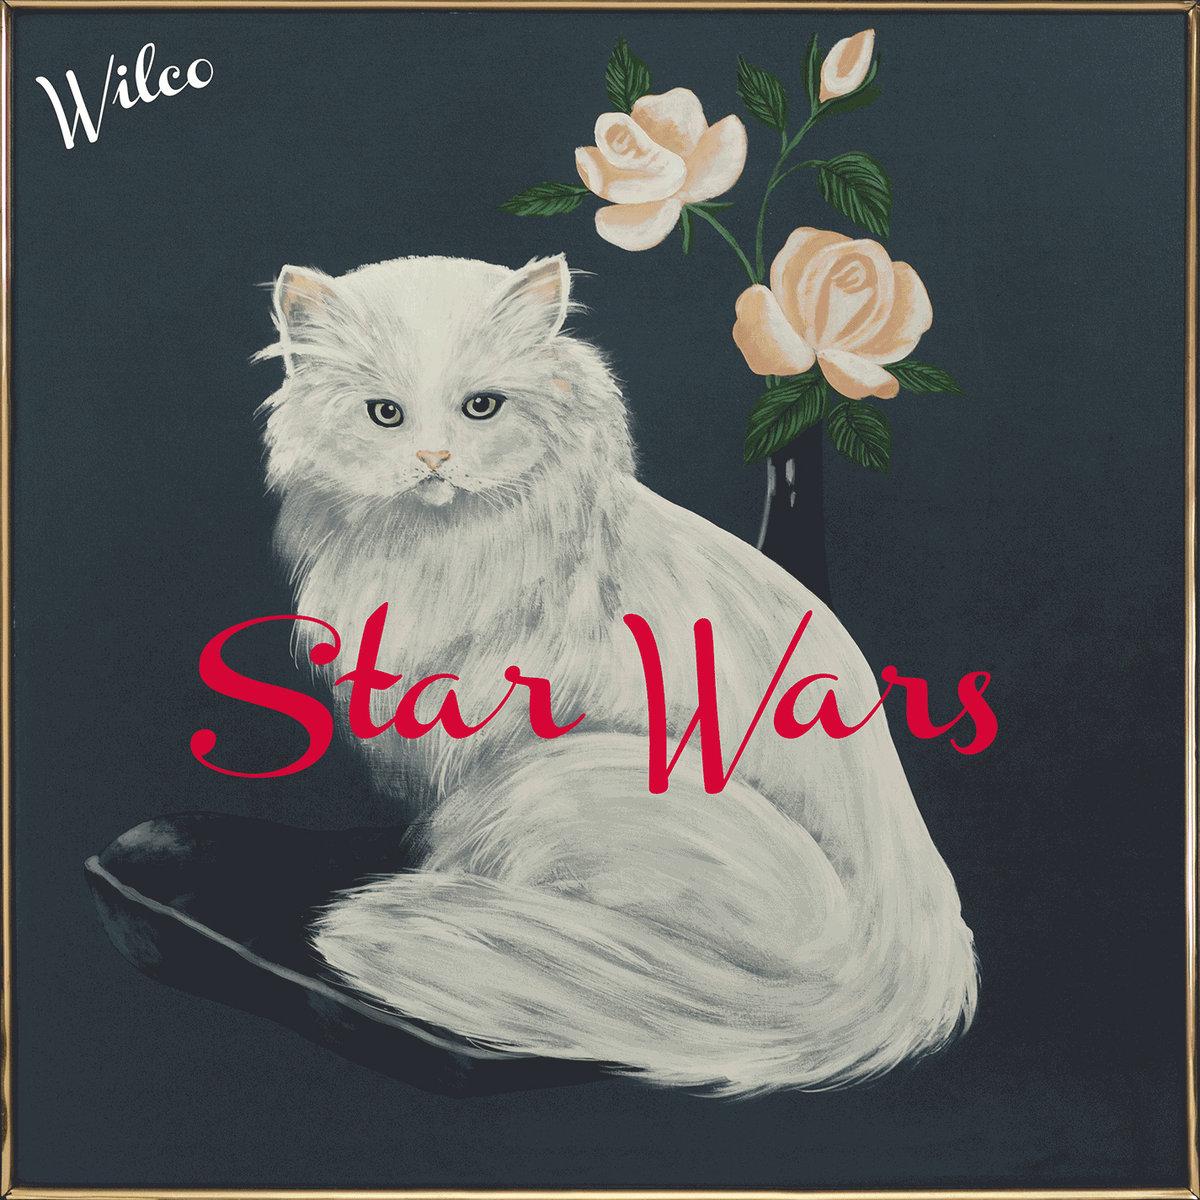 Wilco - Star Wars LP